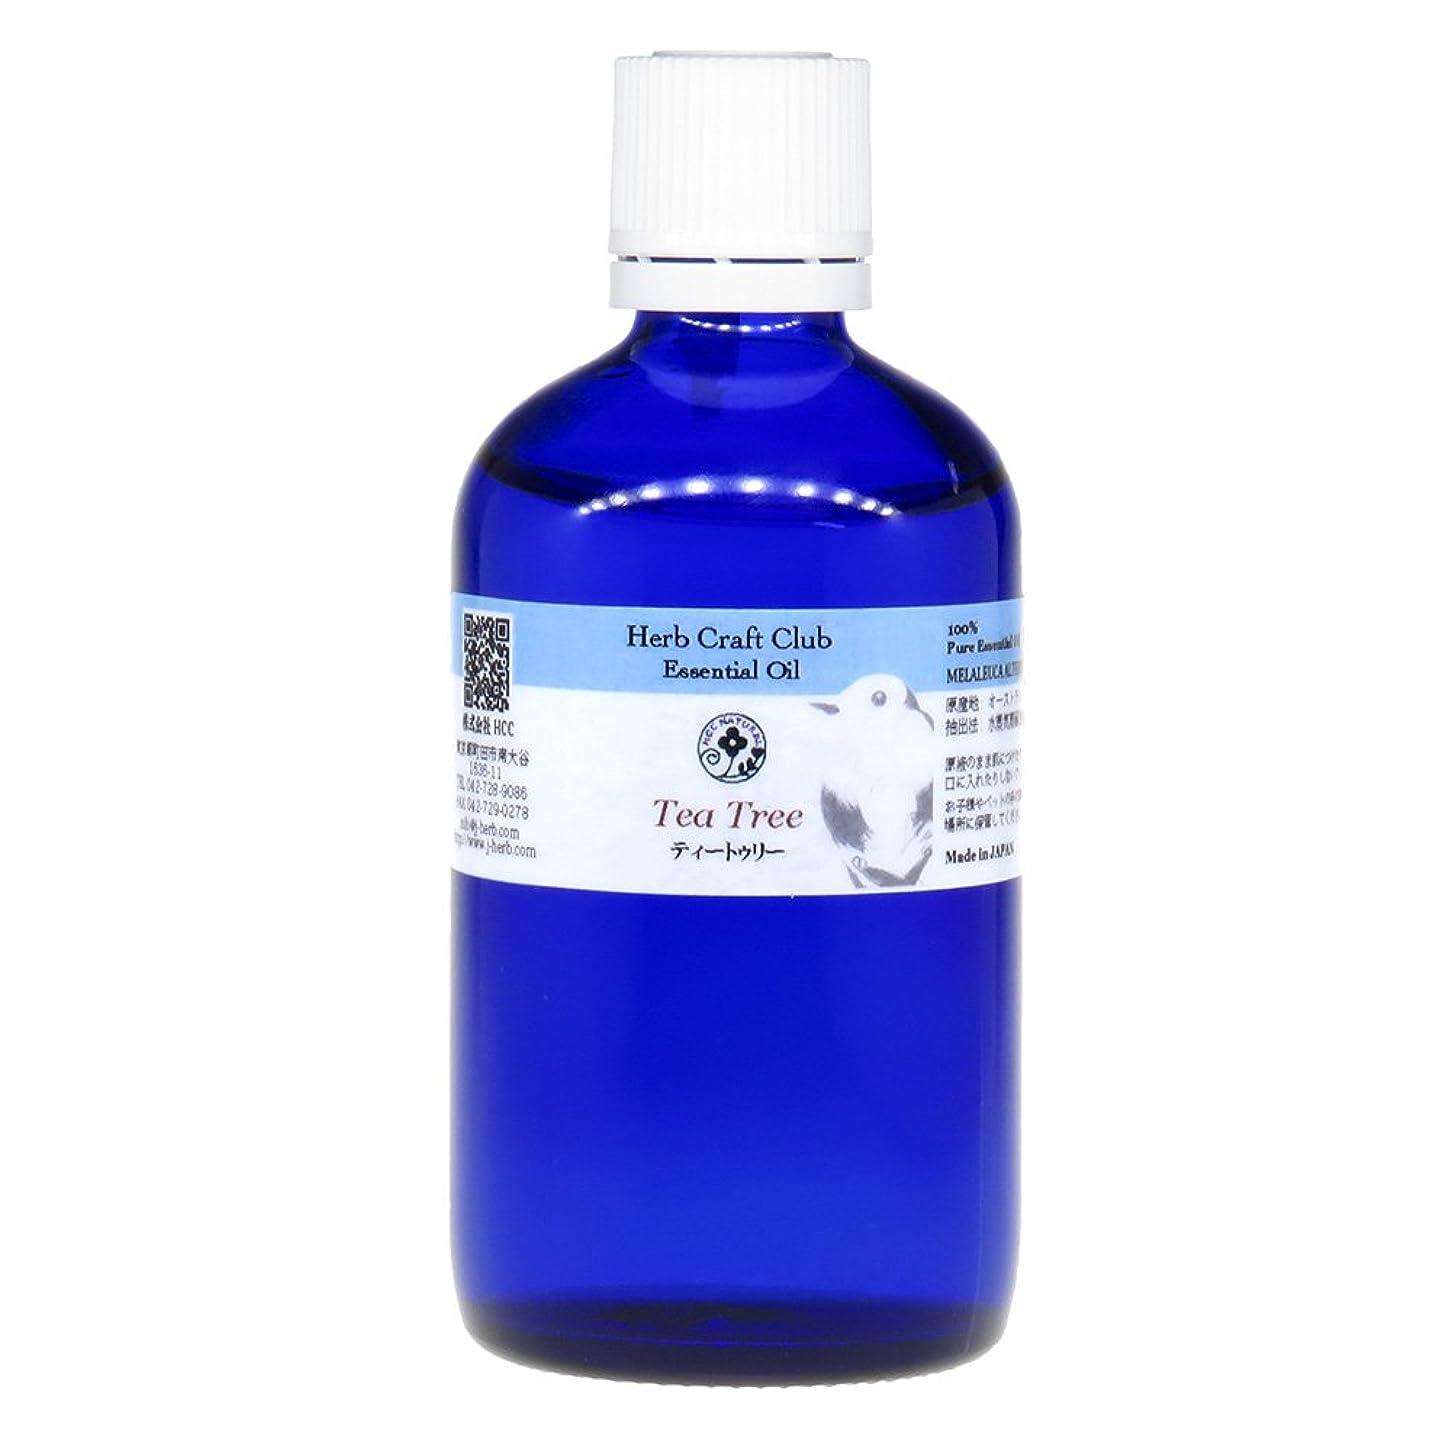 見かけ上シャッフル指定ティートゥリー105ml 100%天然エッセンシャルオイル ※徳用サイズ 卸価格